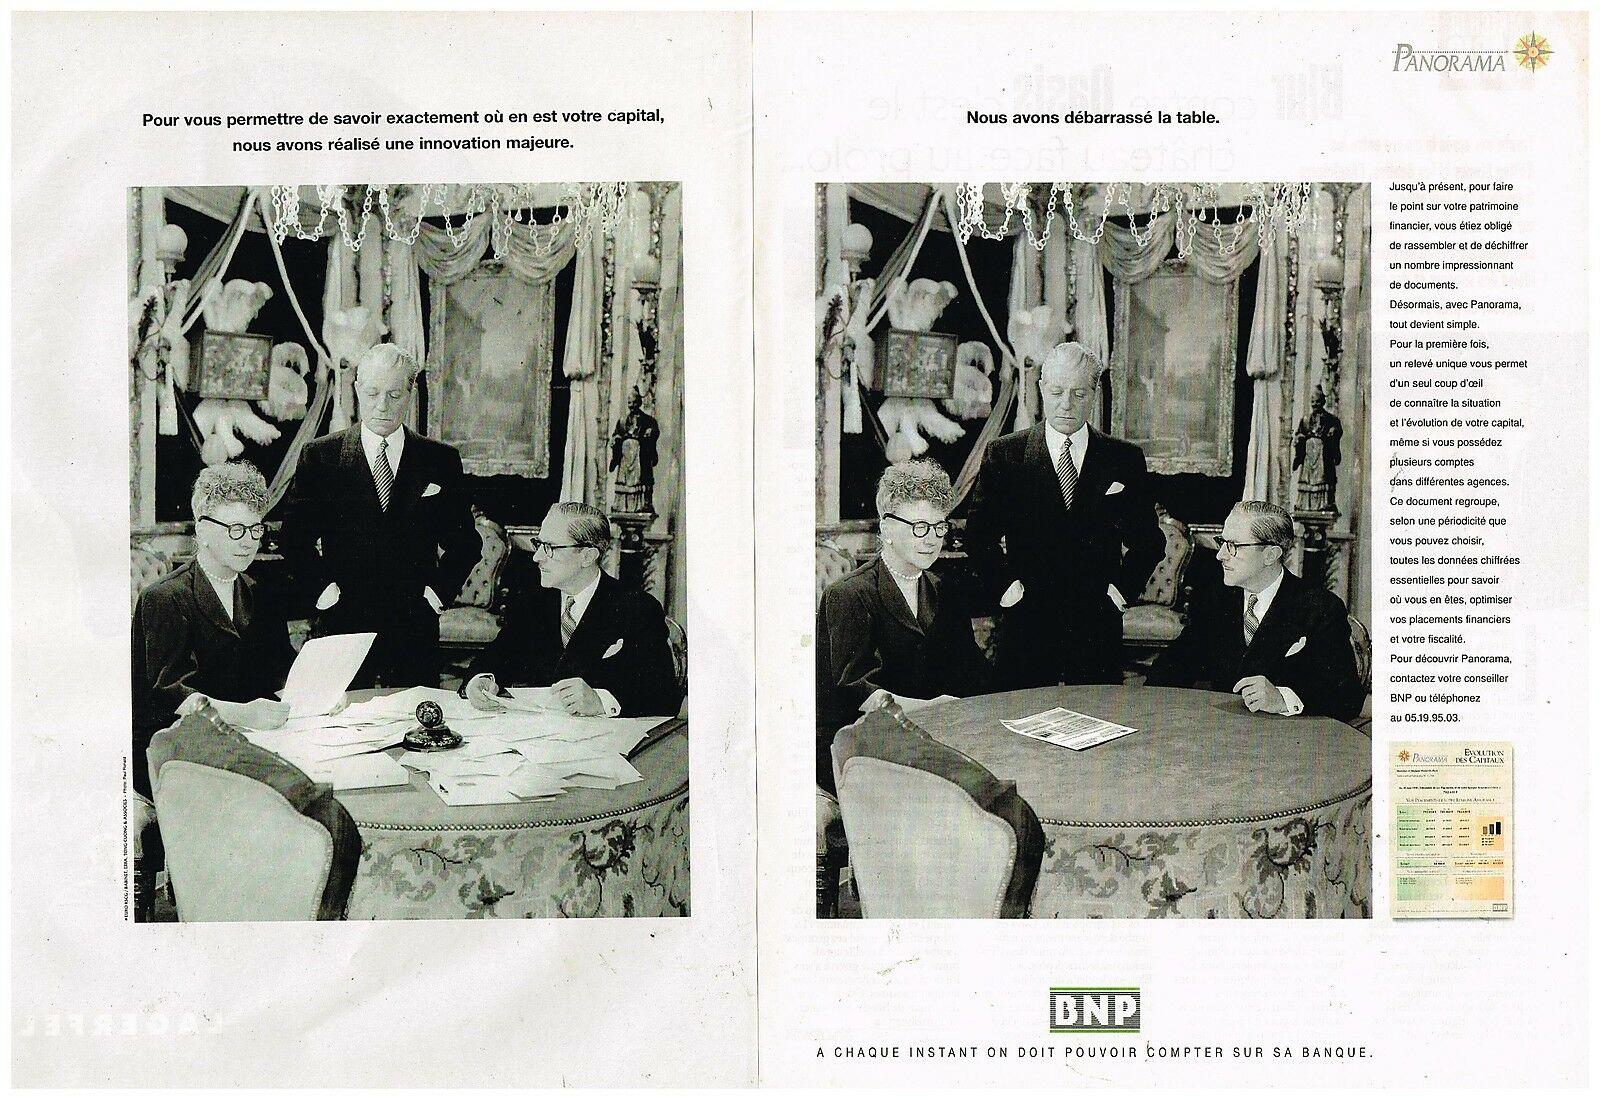 1995 Banque BNP